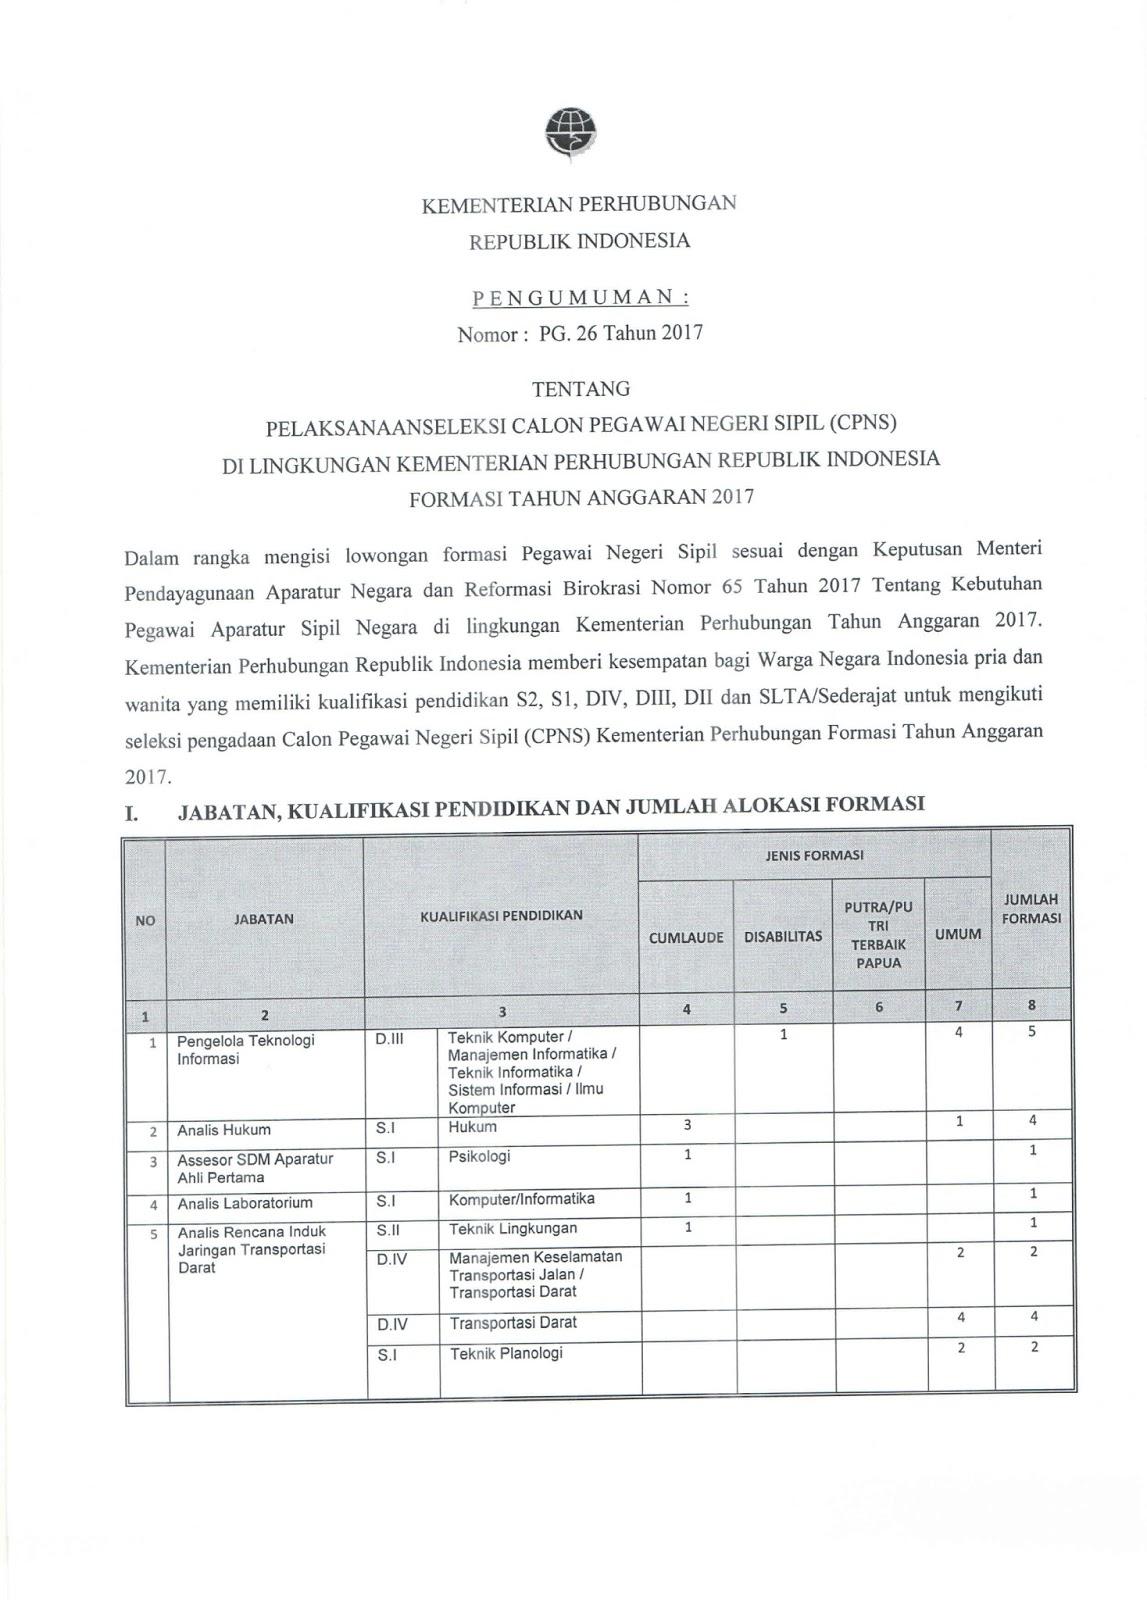 Lowongan Kerja CPNS Kementerian Perhubungan Tingkat SMA Sederajat, D3, S1 [400 Formasi]